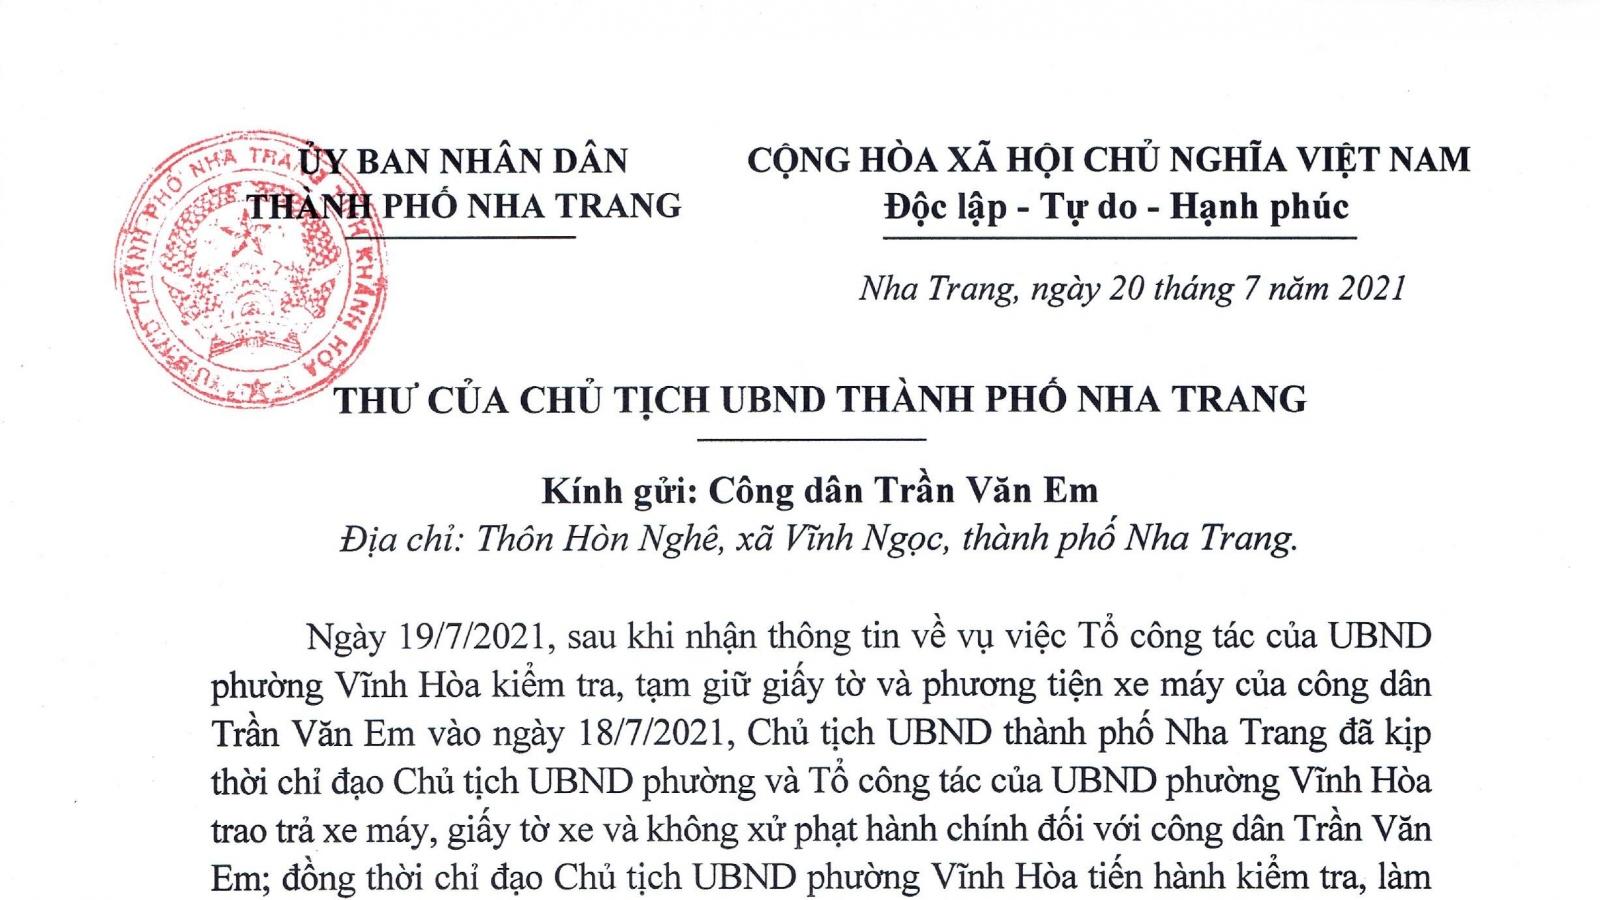 """Vụ """"Bánh mì không phải hàng thiết yếu"""": Chủ tịch TP Nha Trang xin lỗi"""